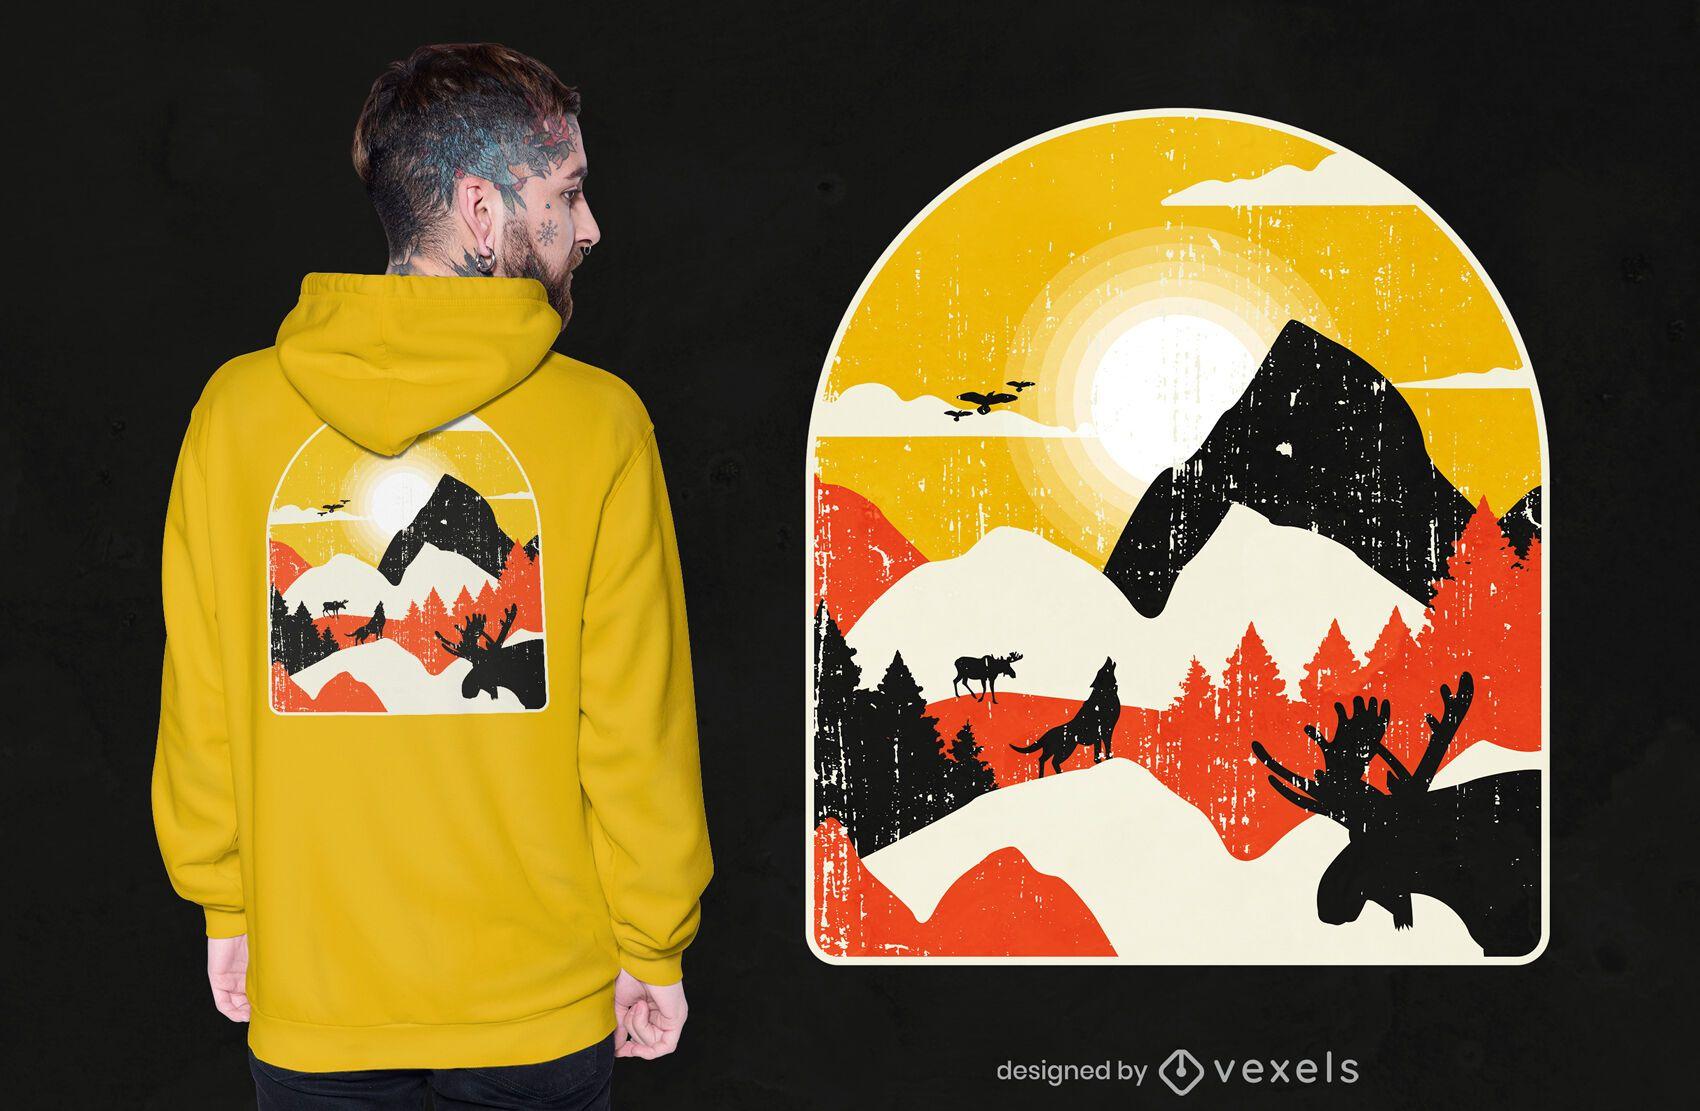 Mountains nature landscape t-shirt design